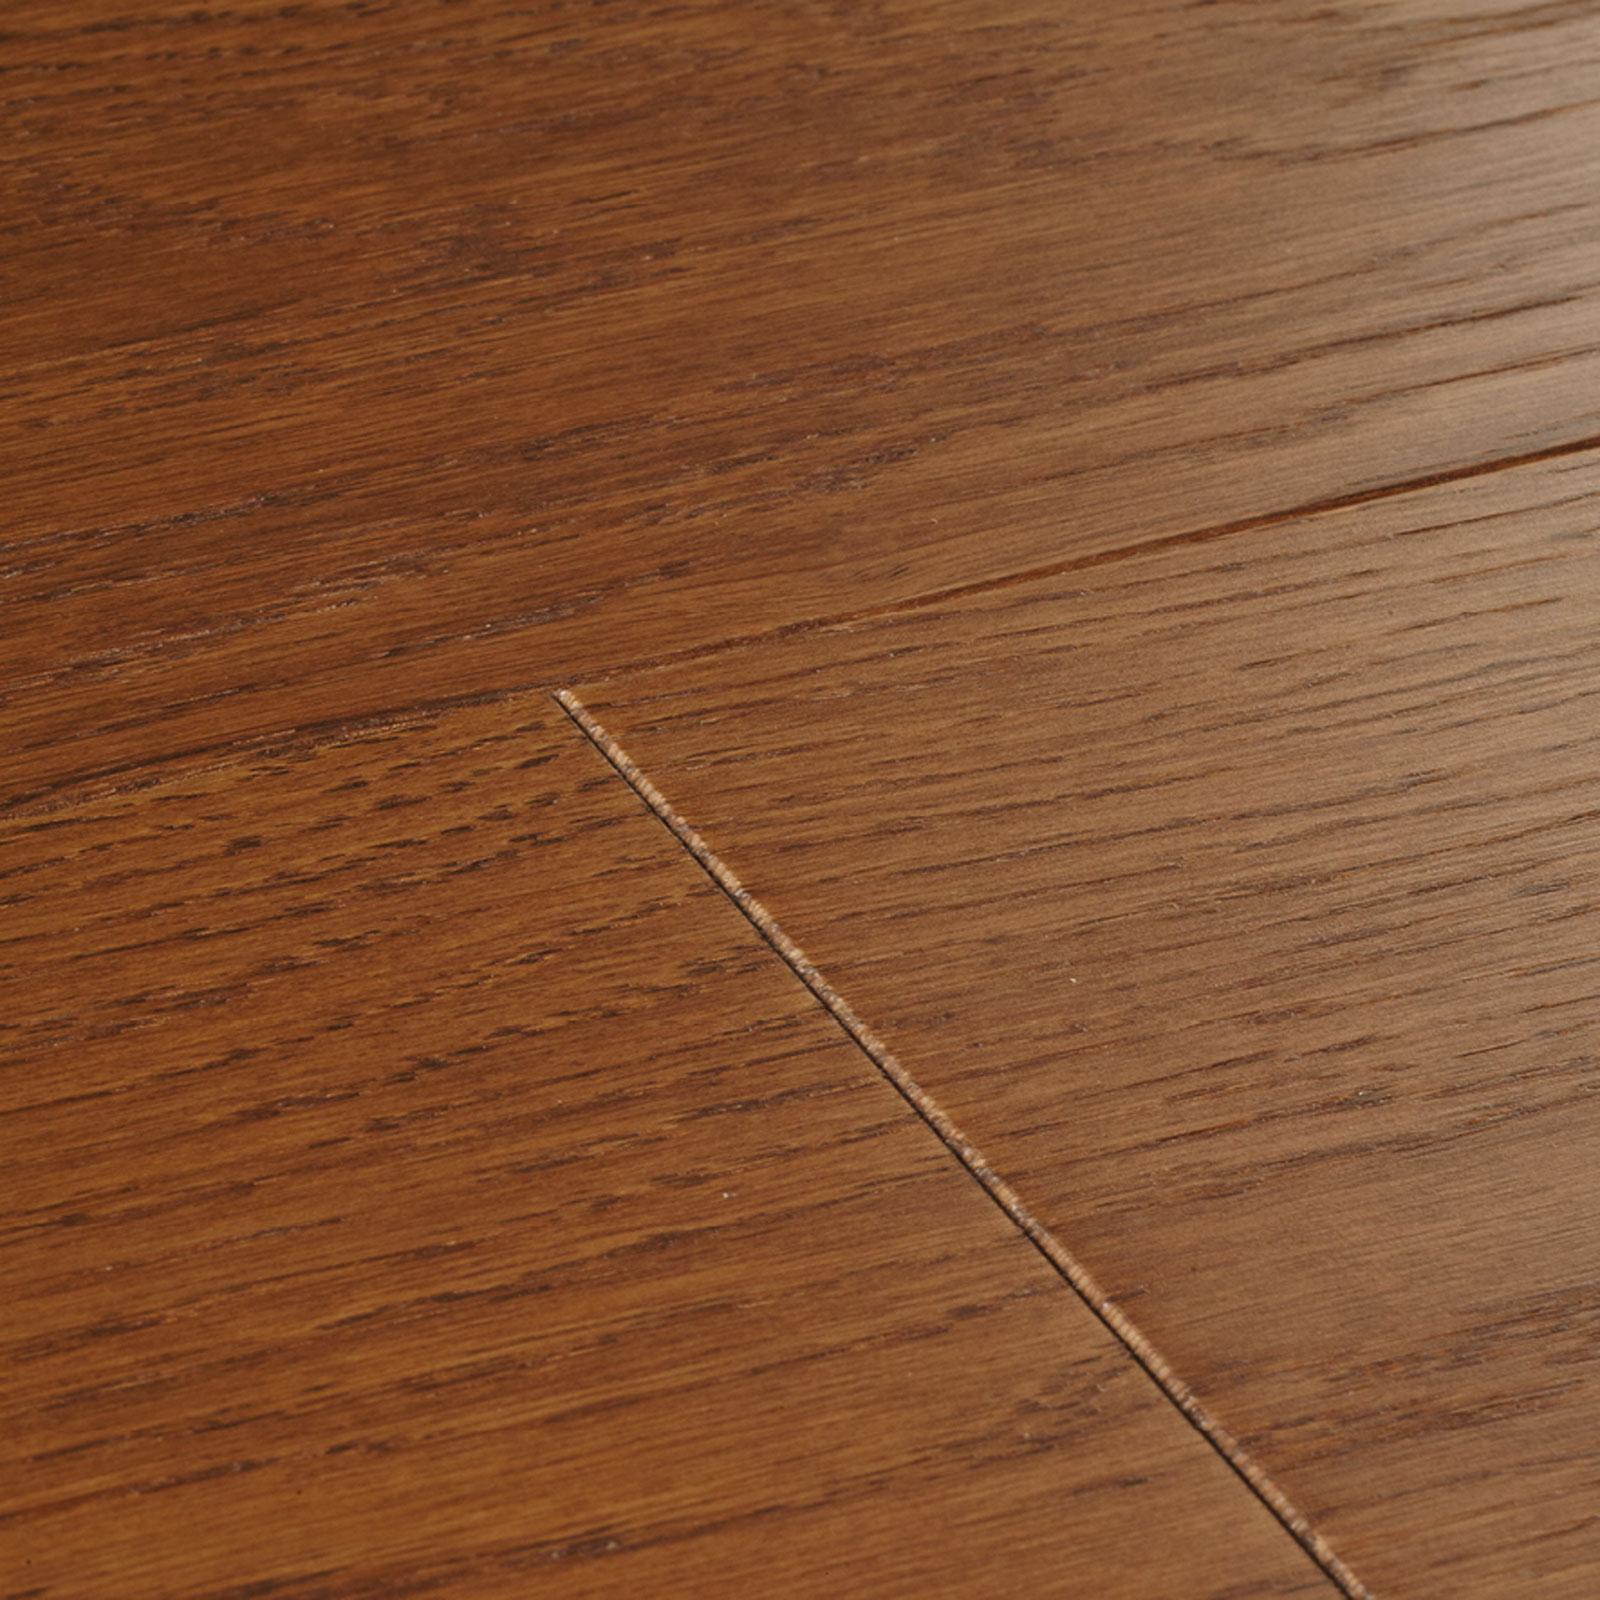 swatch-cropped-raglan-coffee-oak-1600